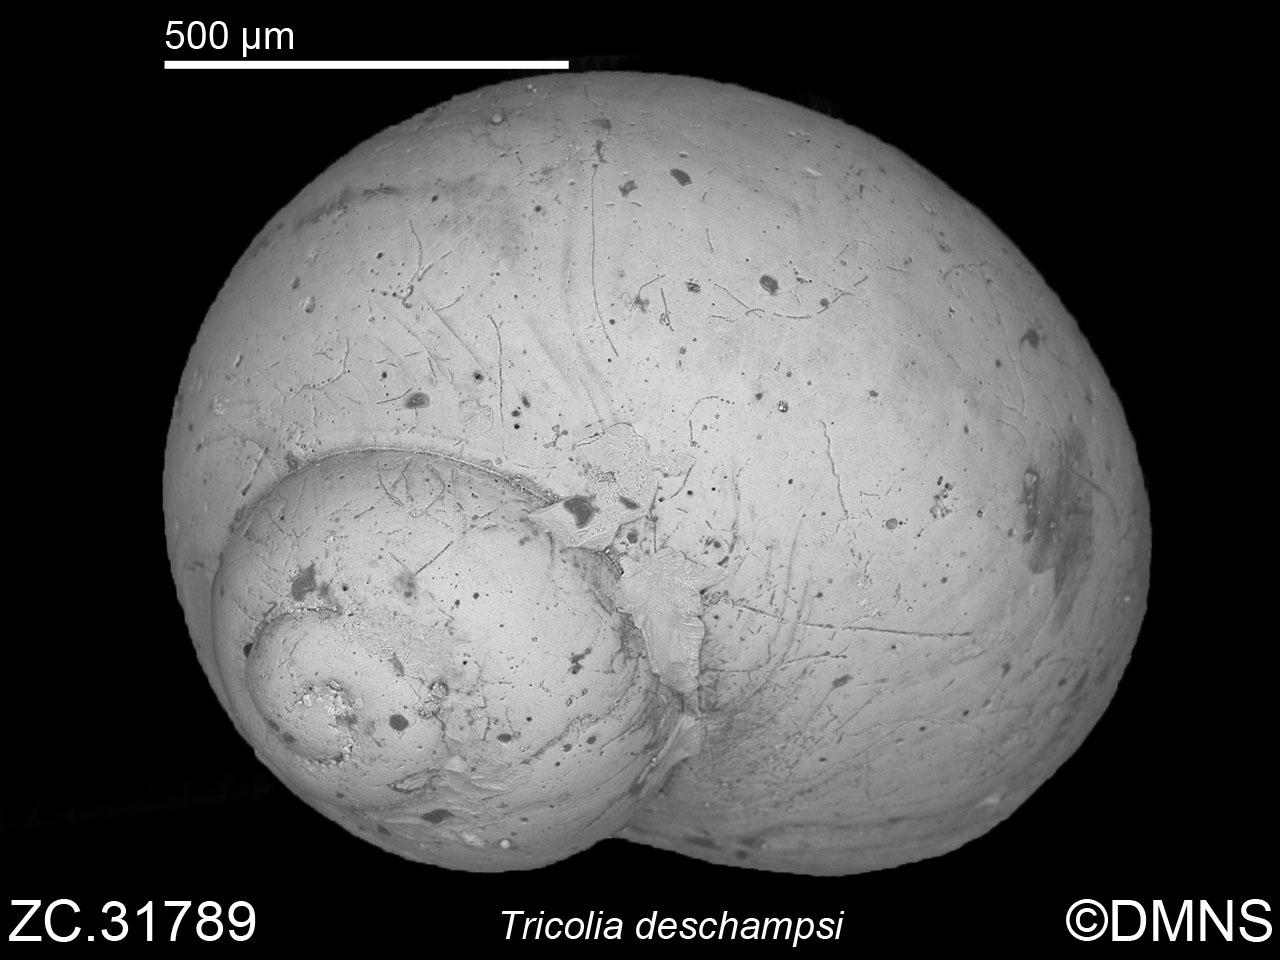 Tricolia deschampsi image